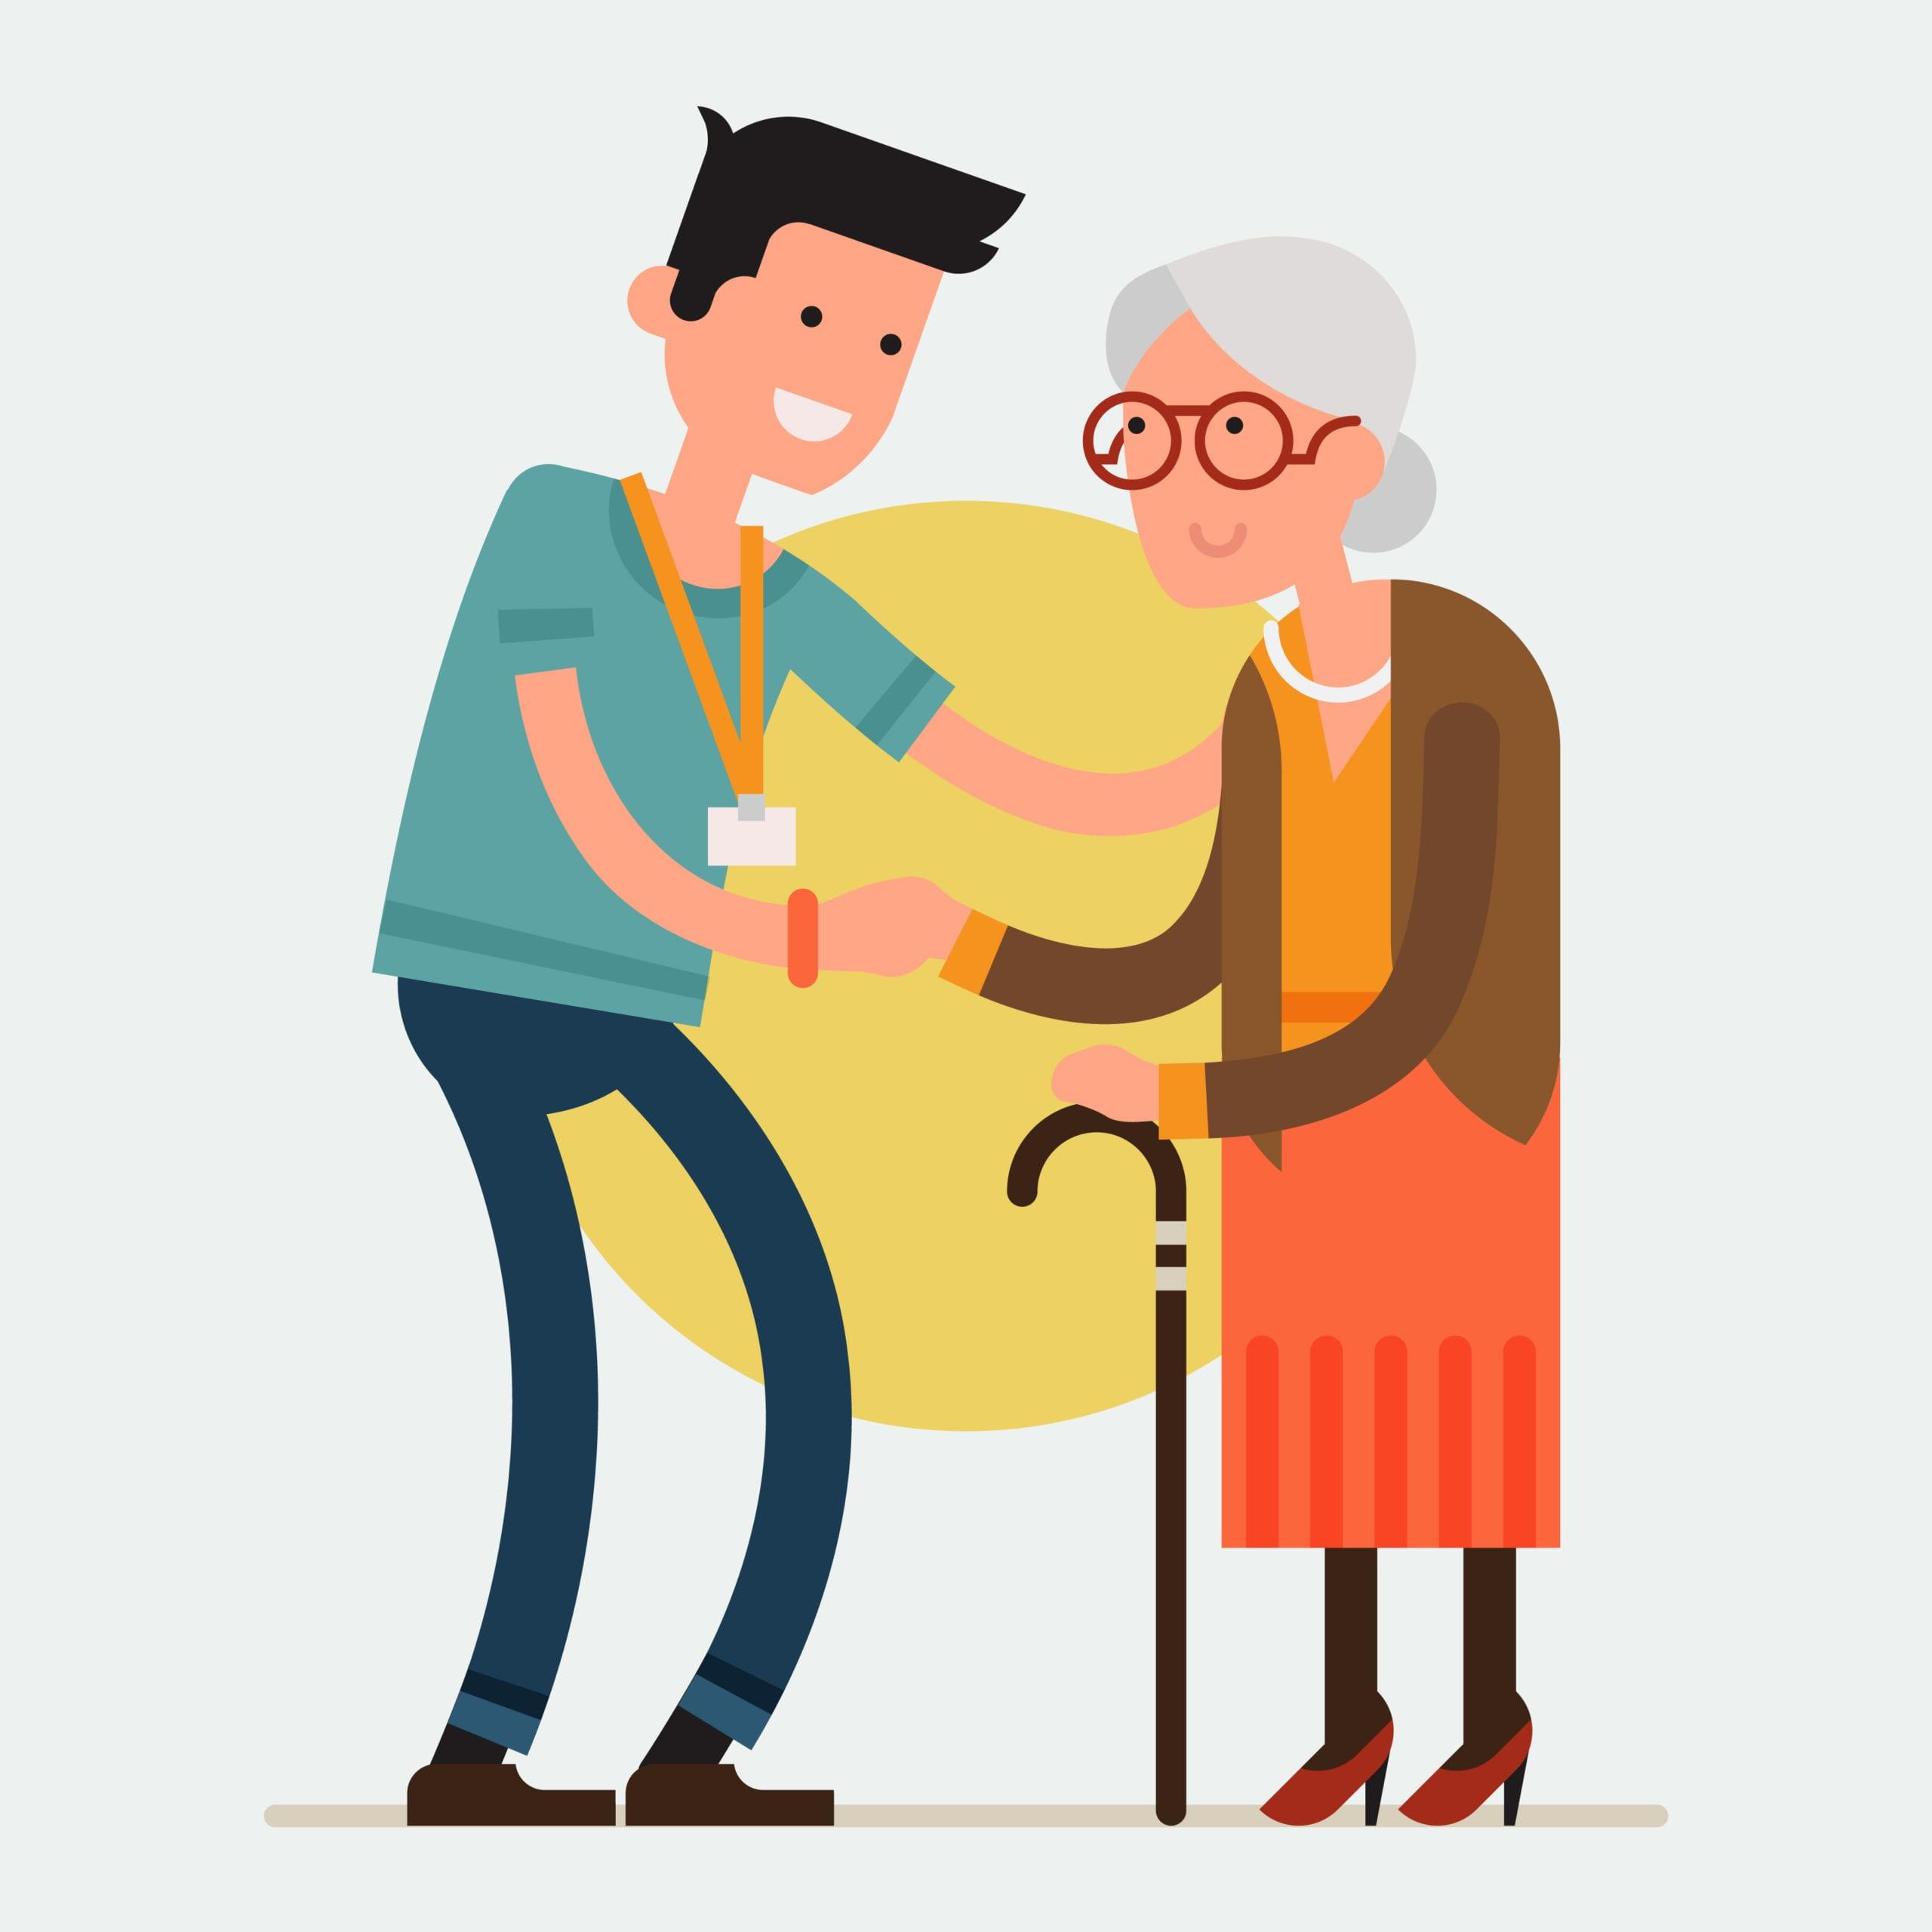 Services à la personne - aide à domicile - shutterstock